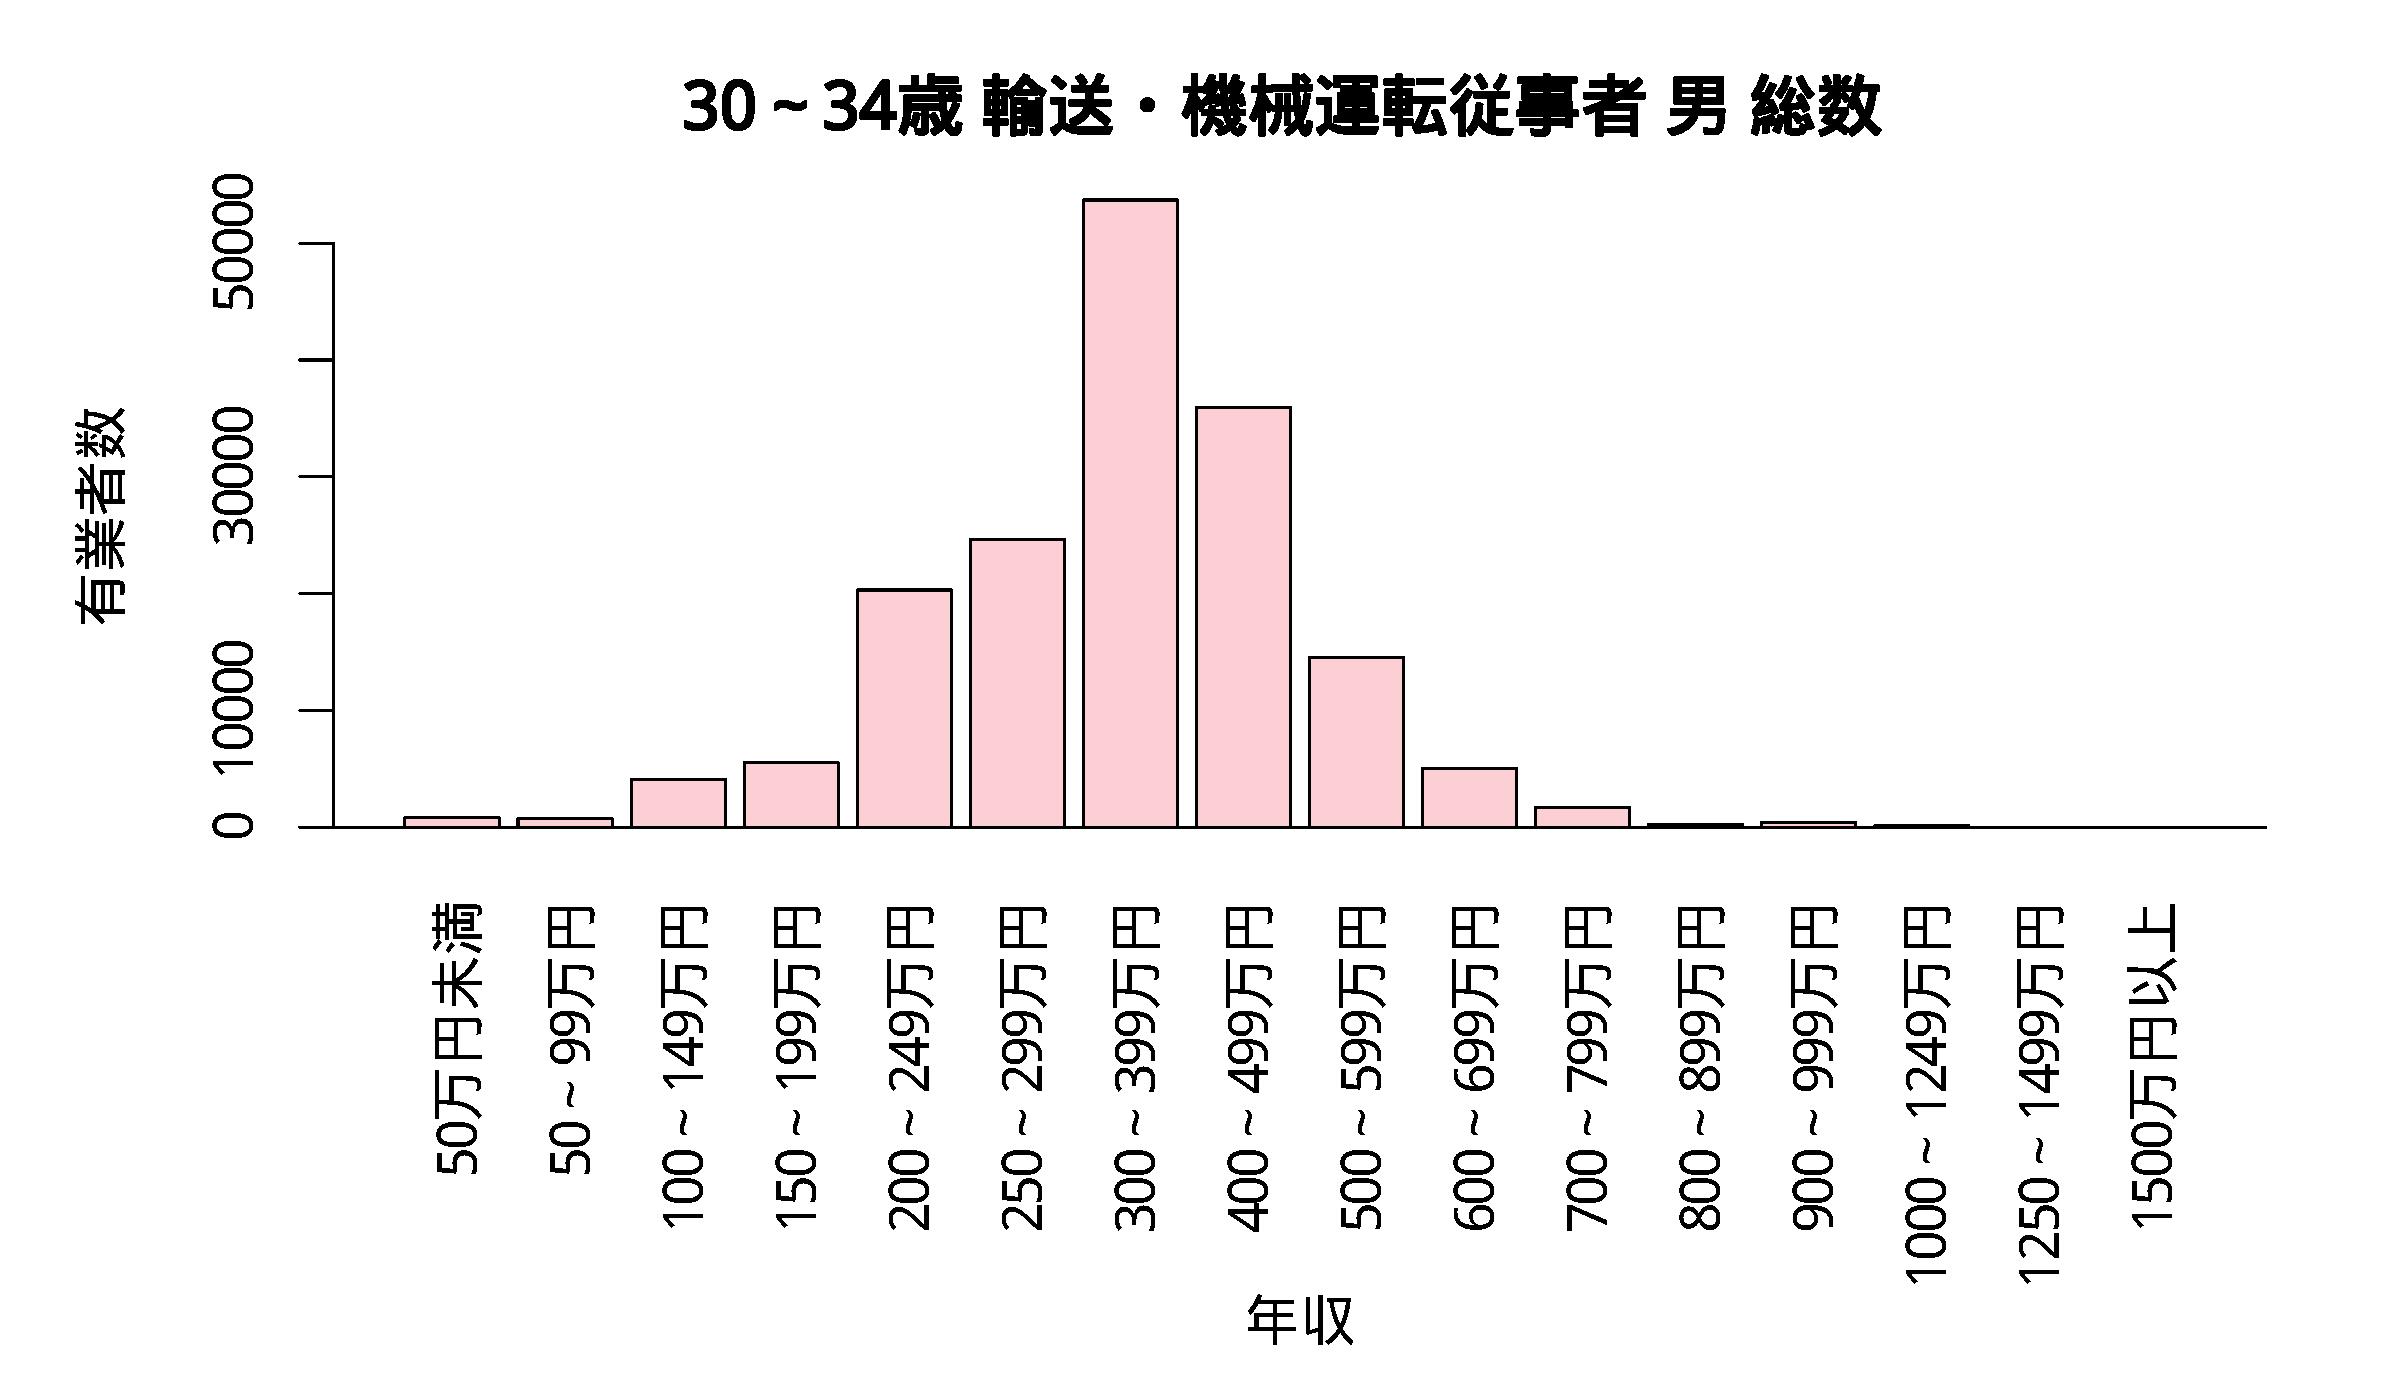 年収分布 30~34歳 輸送・機械運転従事者 男 総数